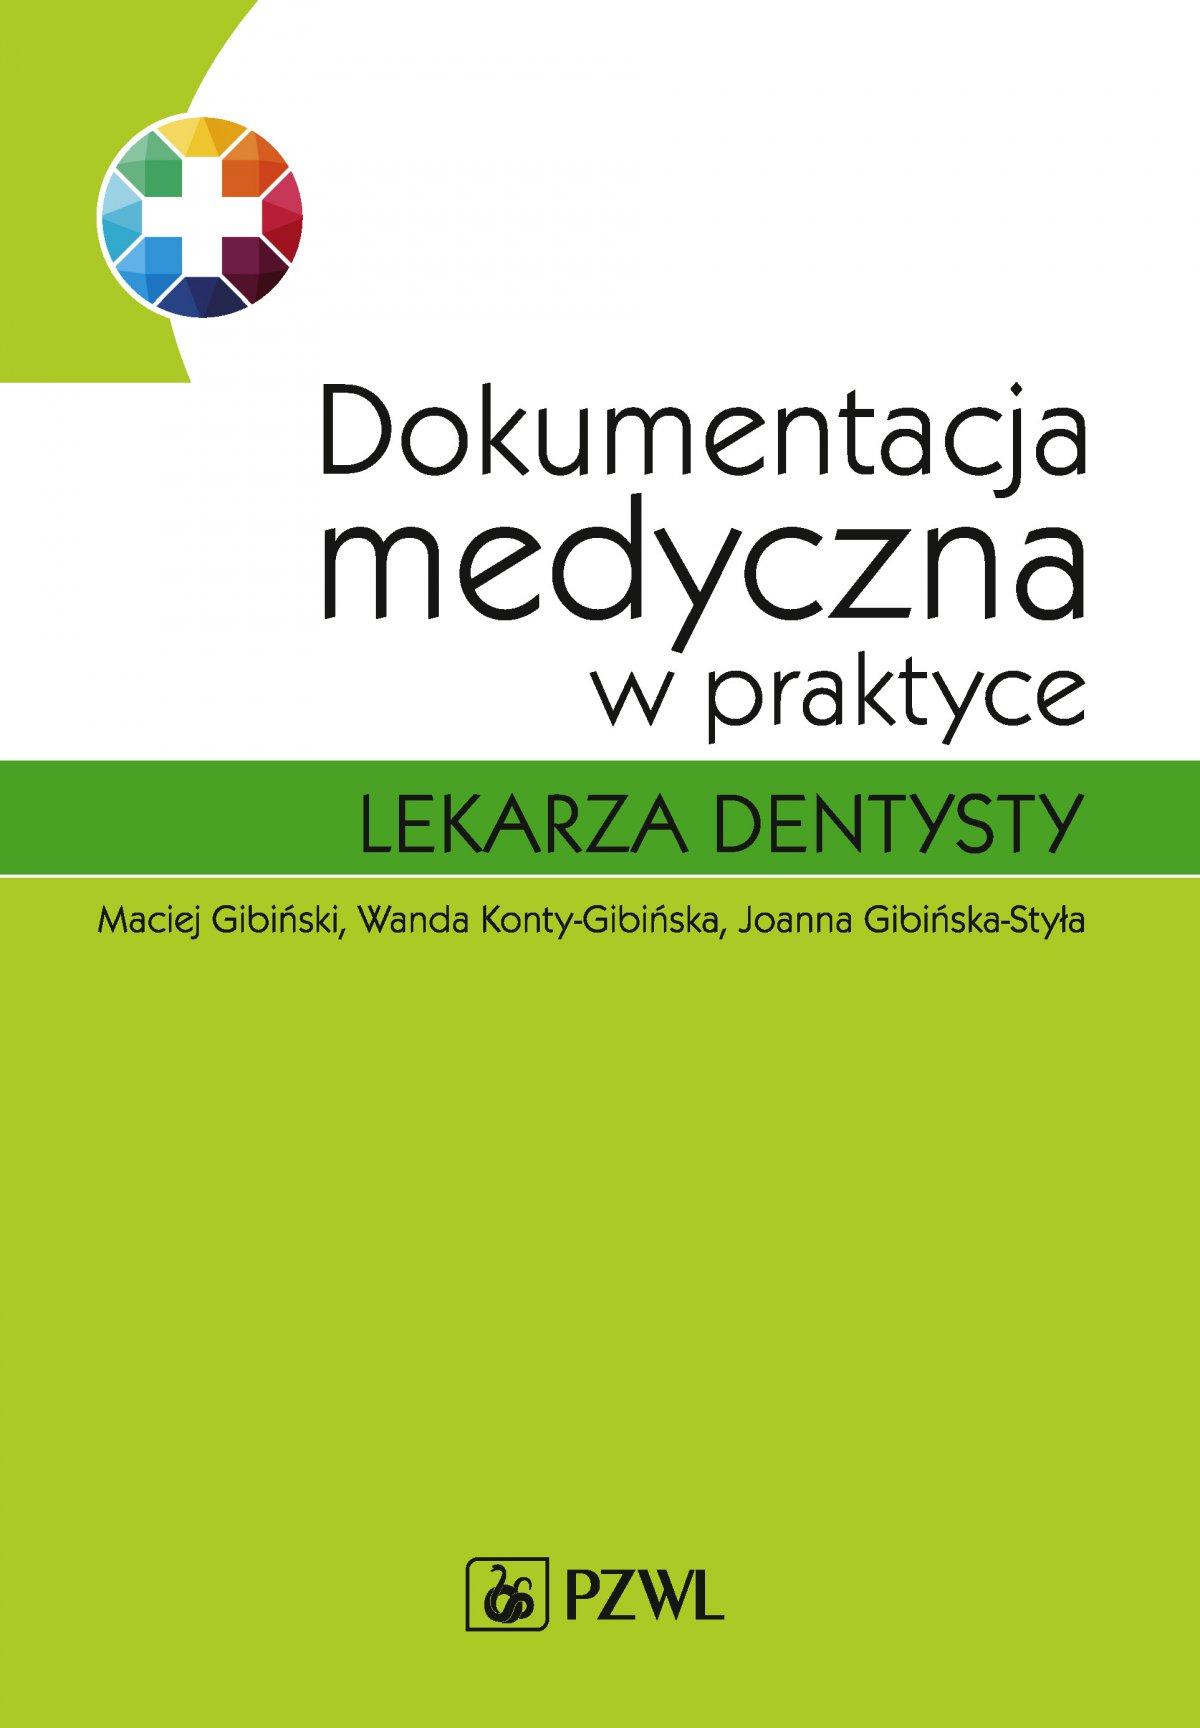 Dokumentacja medyczna w praktyce lekarza dentysty - Ebook (Książka EPUB) do pobrania w formacie EPUB